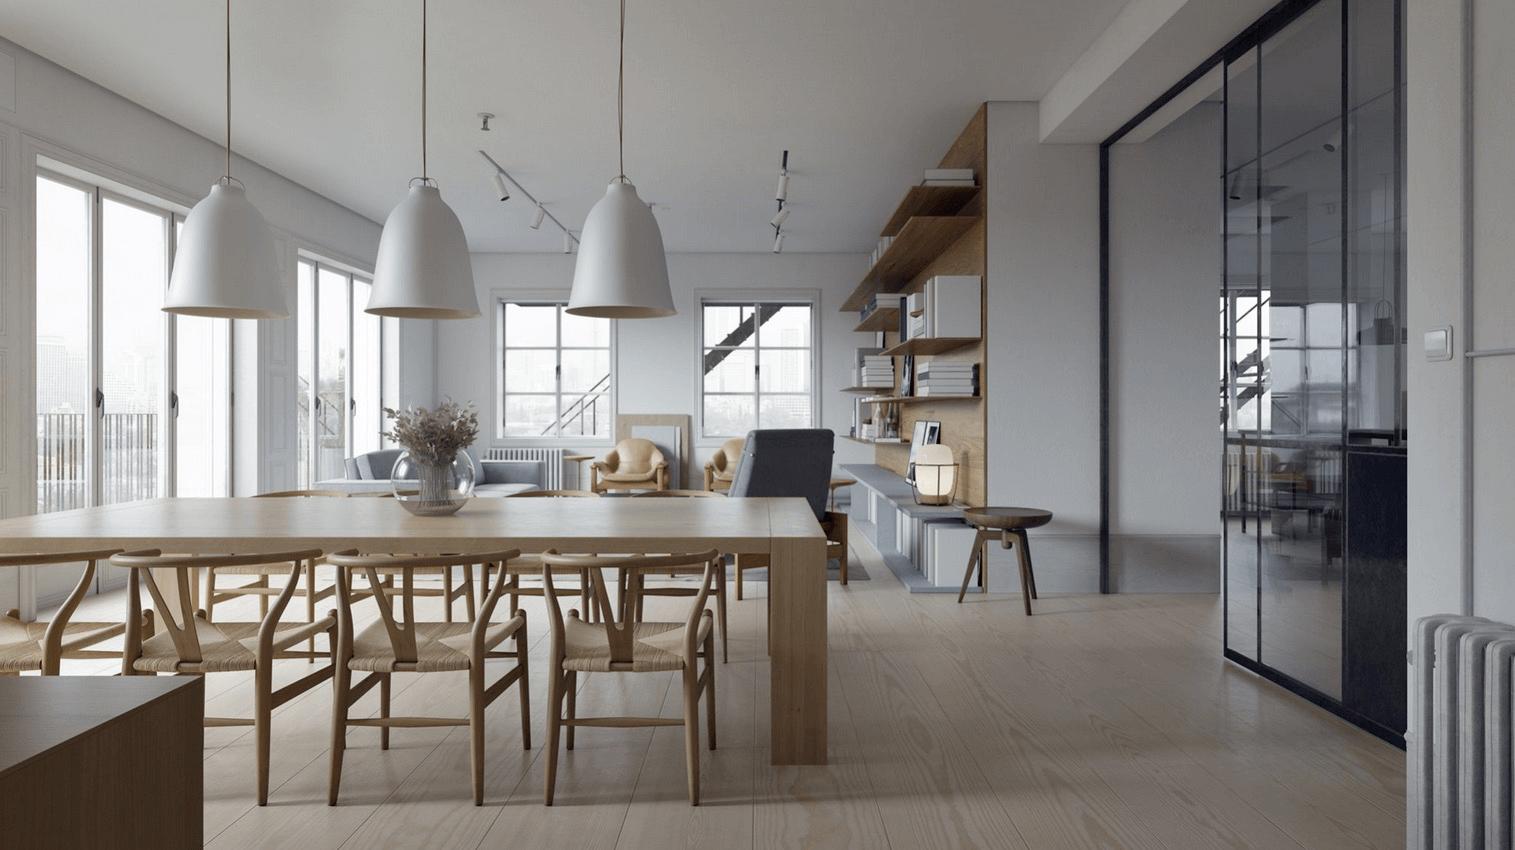 Kiến trúc phòng ăn hiện đại